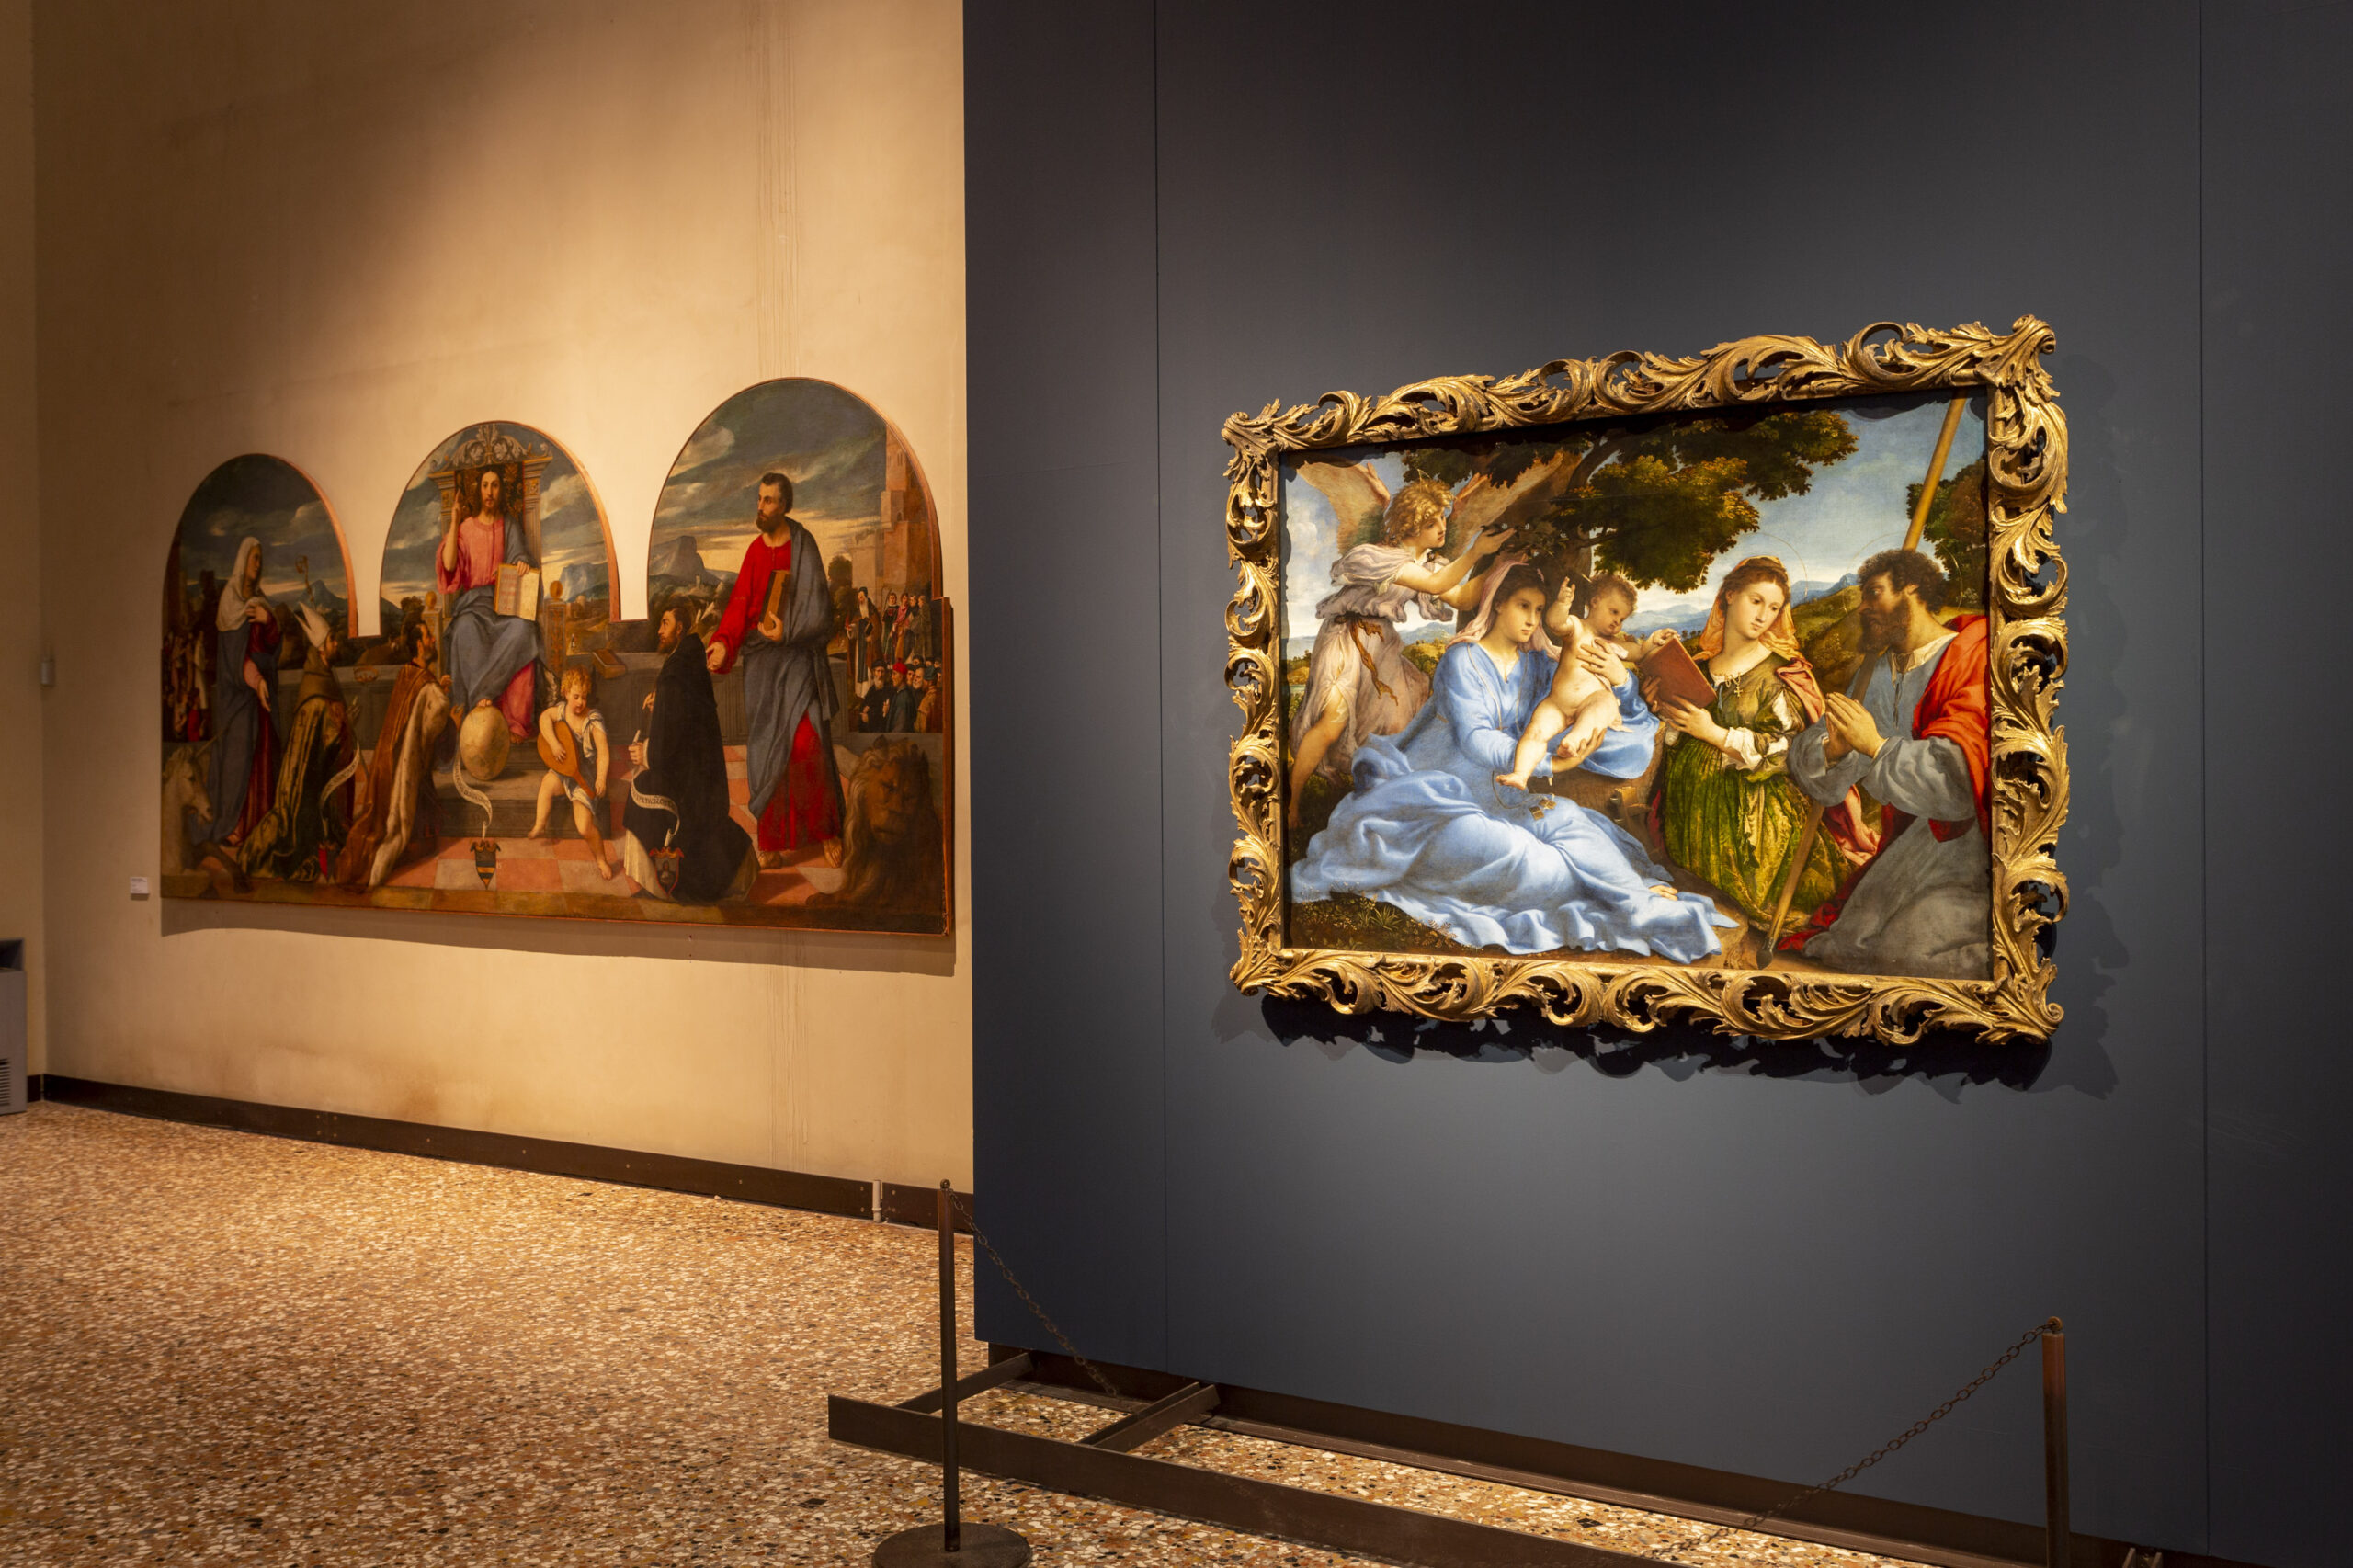 Il capolavoro di Lorenzo Lotto ancora eccezionalmente visibile alle Gallerie dell'Accademia di Venezia, immagini